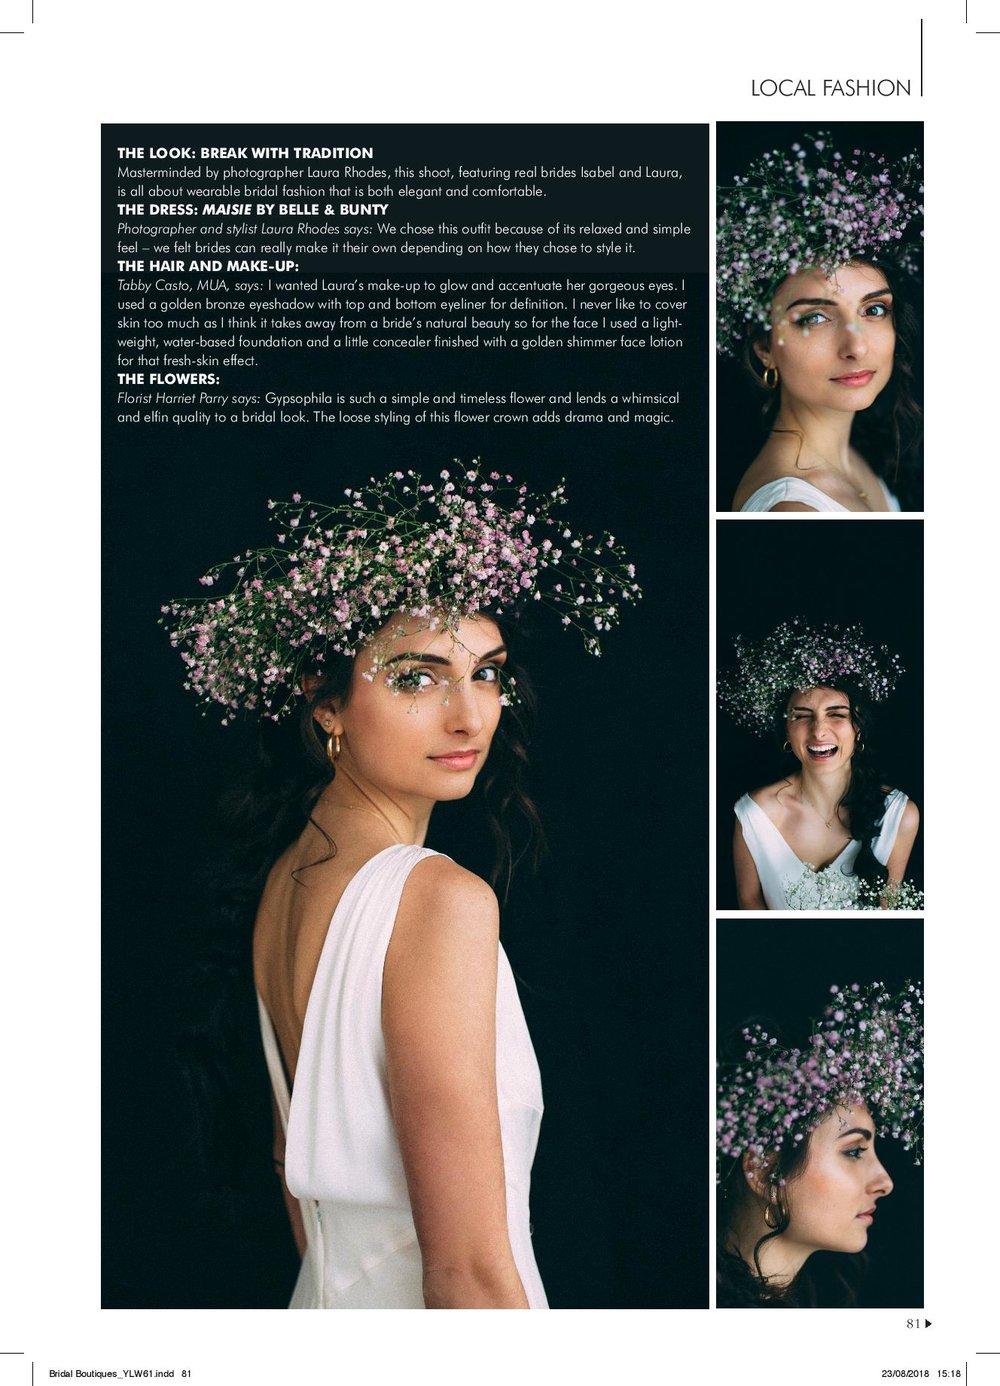 YLW61-08-081-page-001.jpg